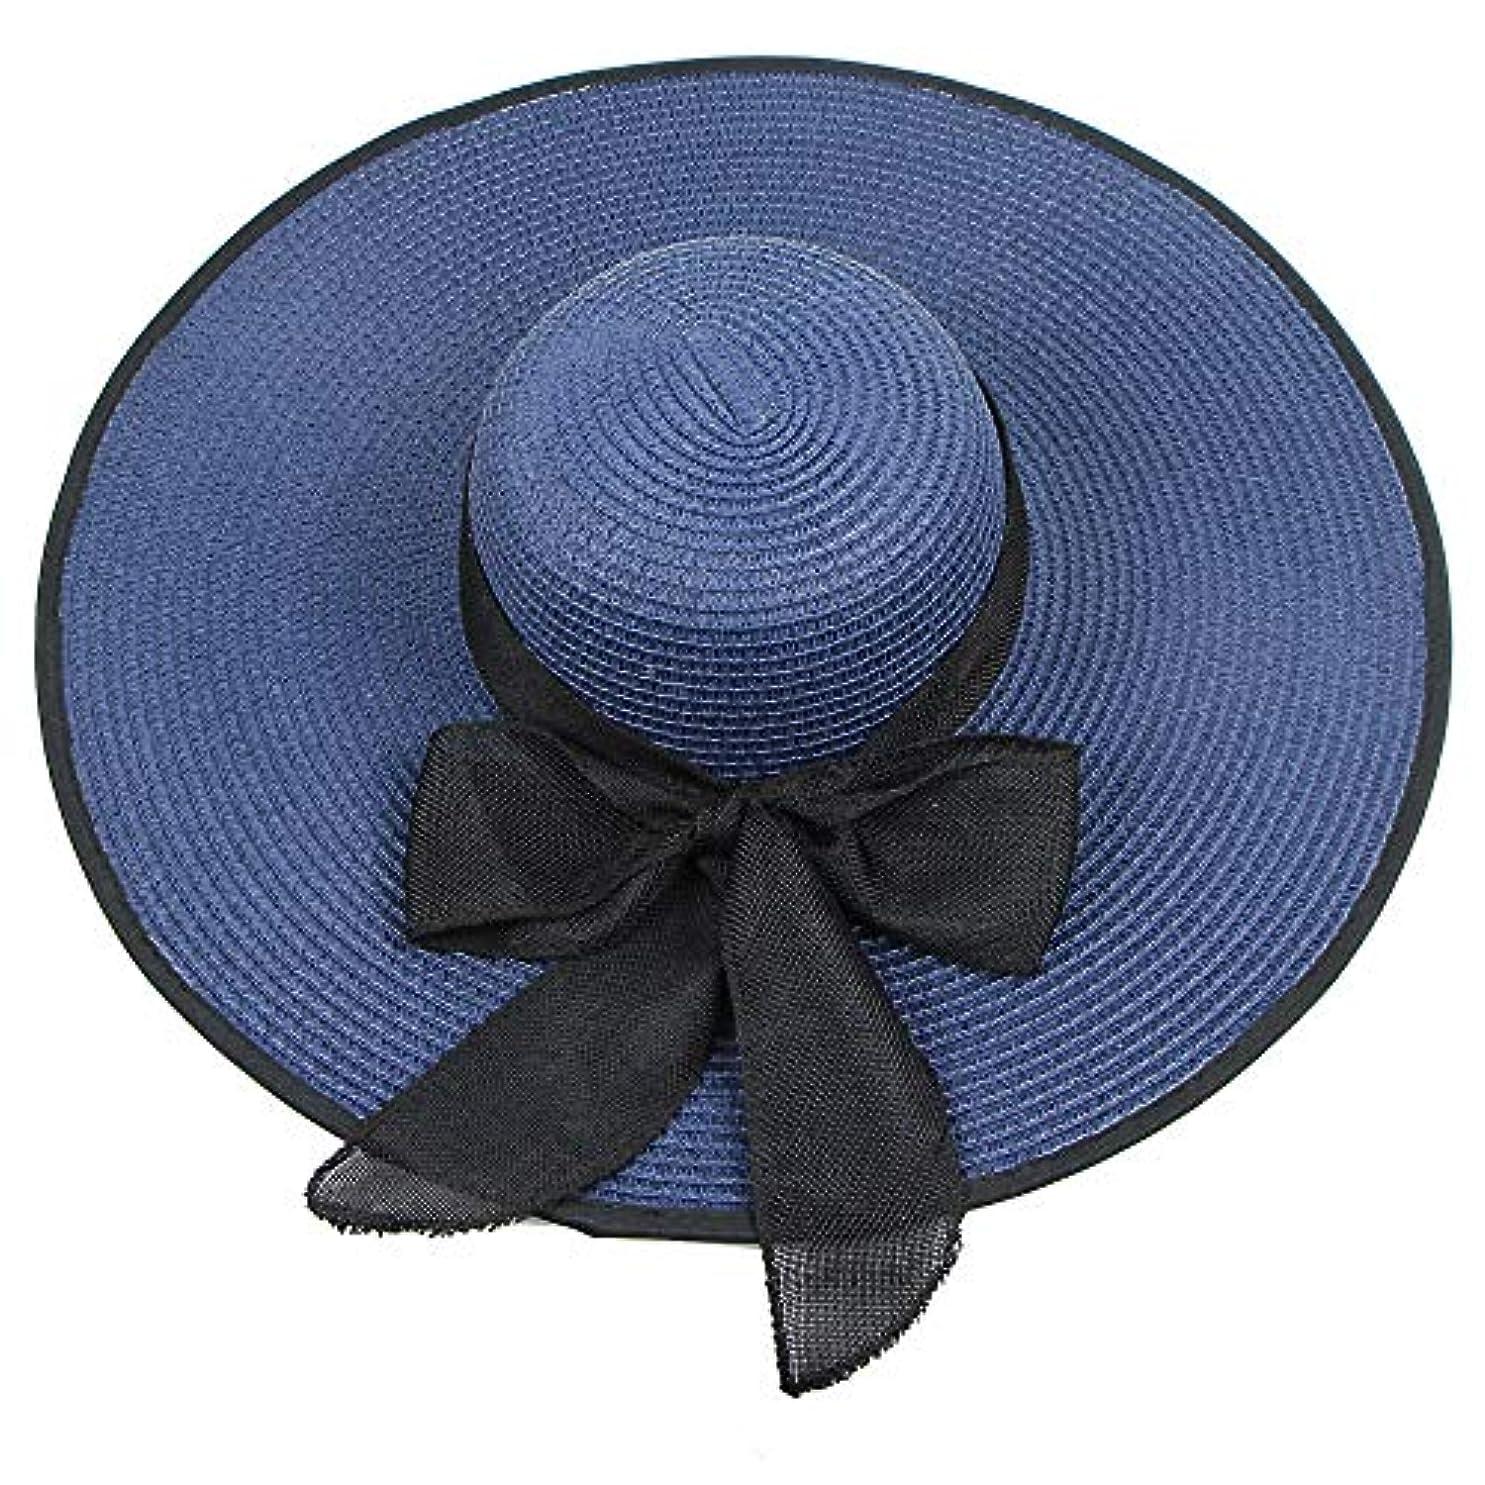 夕暮れキラウエア山威するUVカット 帽子 ハット レディース つば広 折りたたみ 持ち運び つば広 調節テープ 吸汗通気 紫外線対策 おしゃれ 可愛い ハット 旅行用 日よけ 夏季 女優帽 小顔効果抜群 花粉対策 小顔 UV対策 ROSE ROMAN